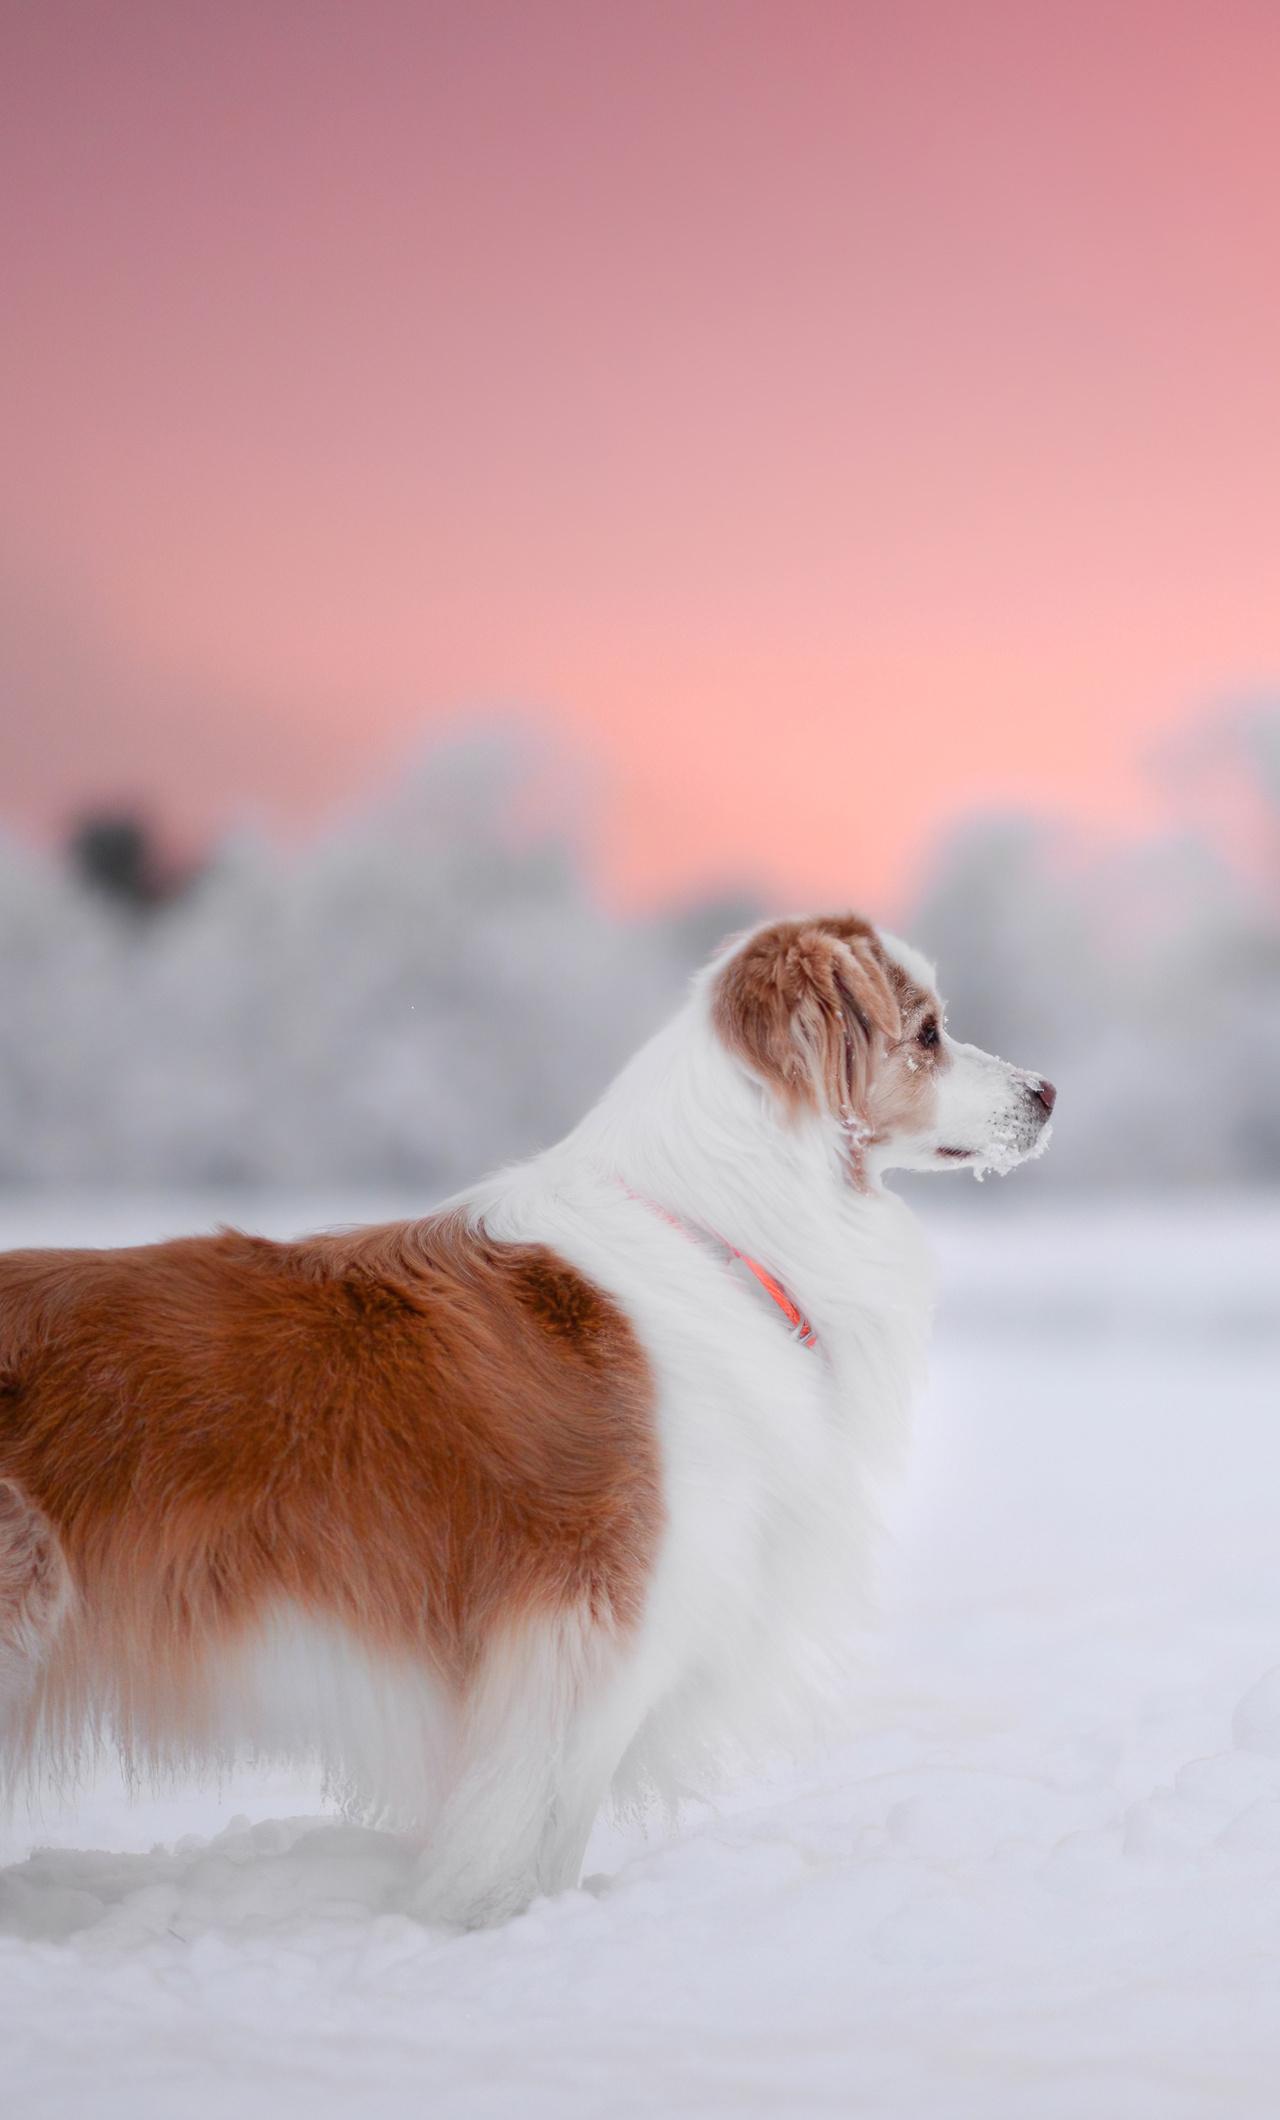 dog-snow-4k-r8.jpg